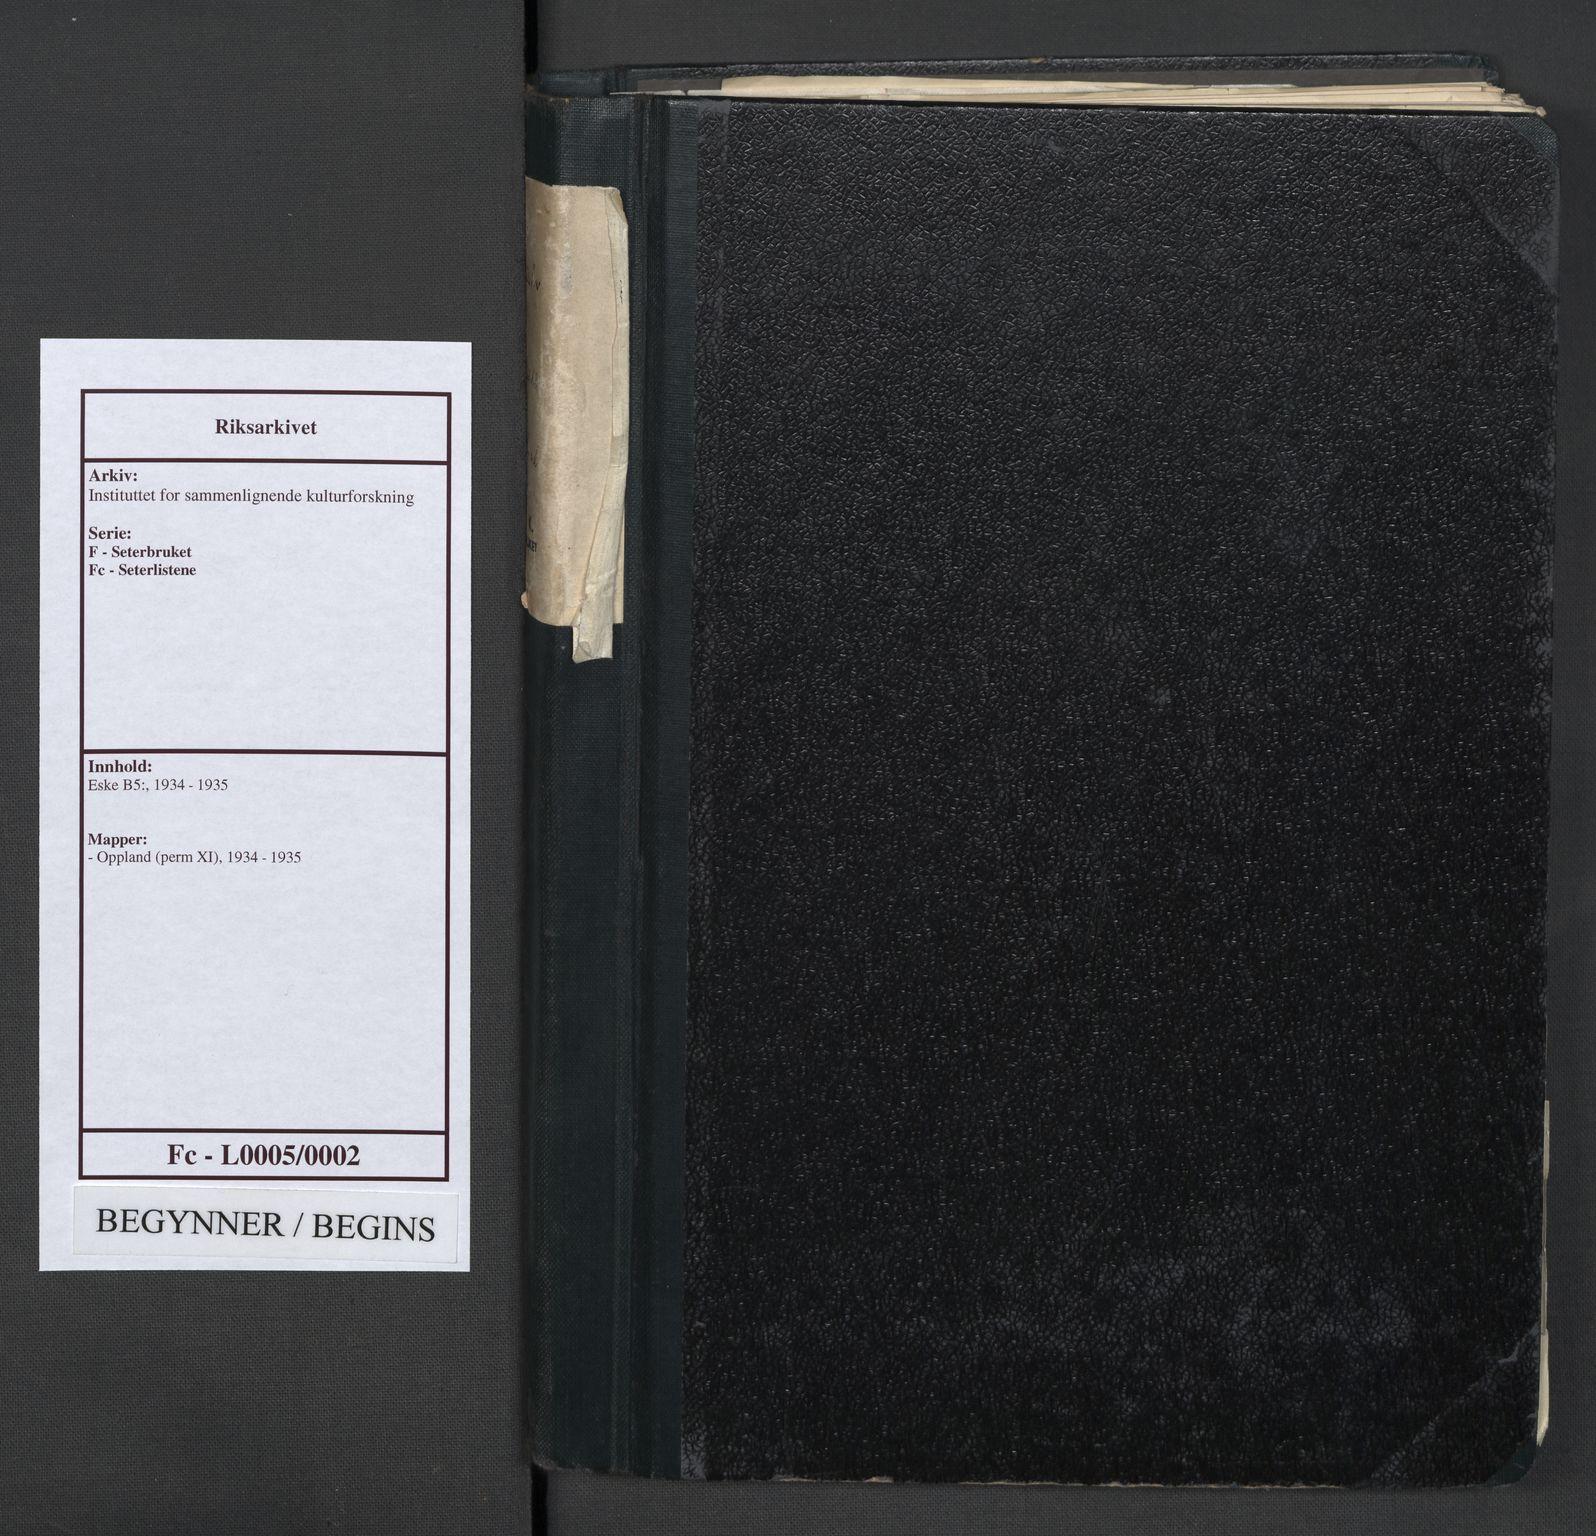 RA, Instituttet for sammenlignende kulturforskning, F/Fc/L0005: Eske B5:, 1934-1935, s. upaginert